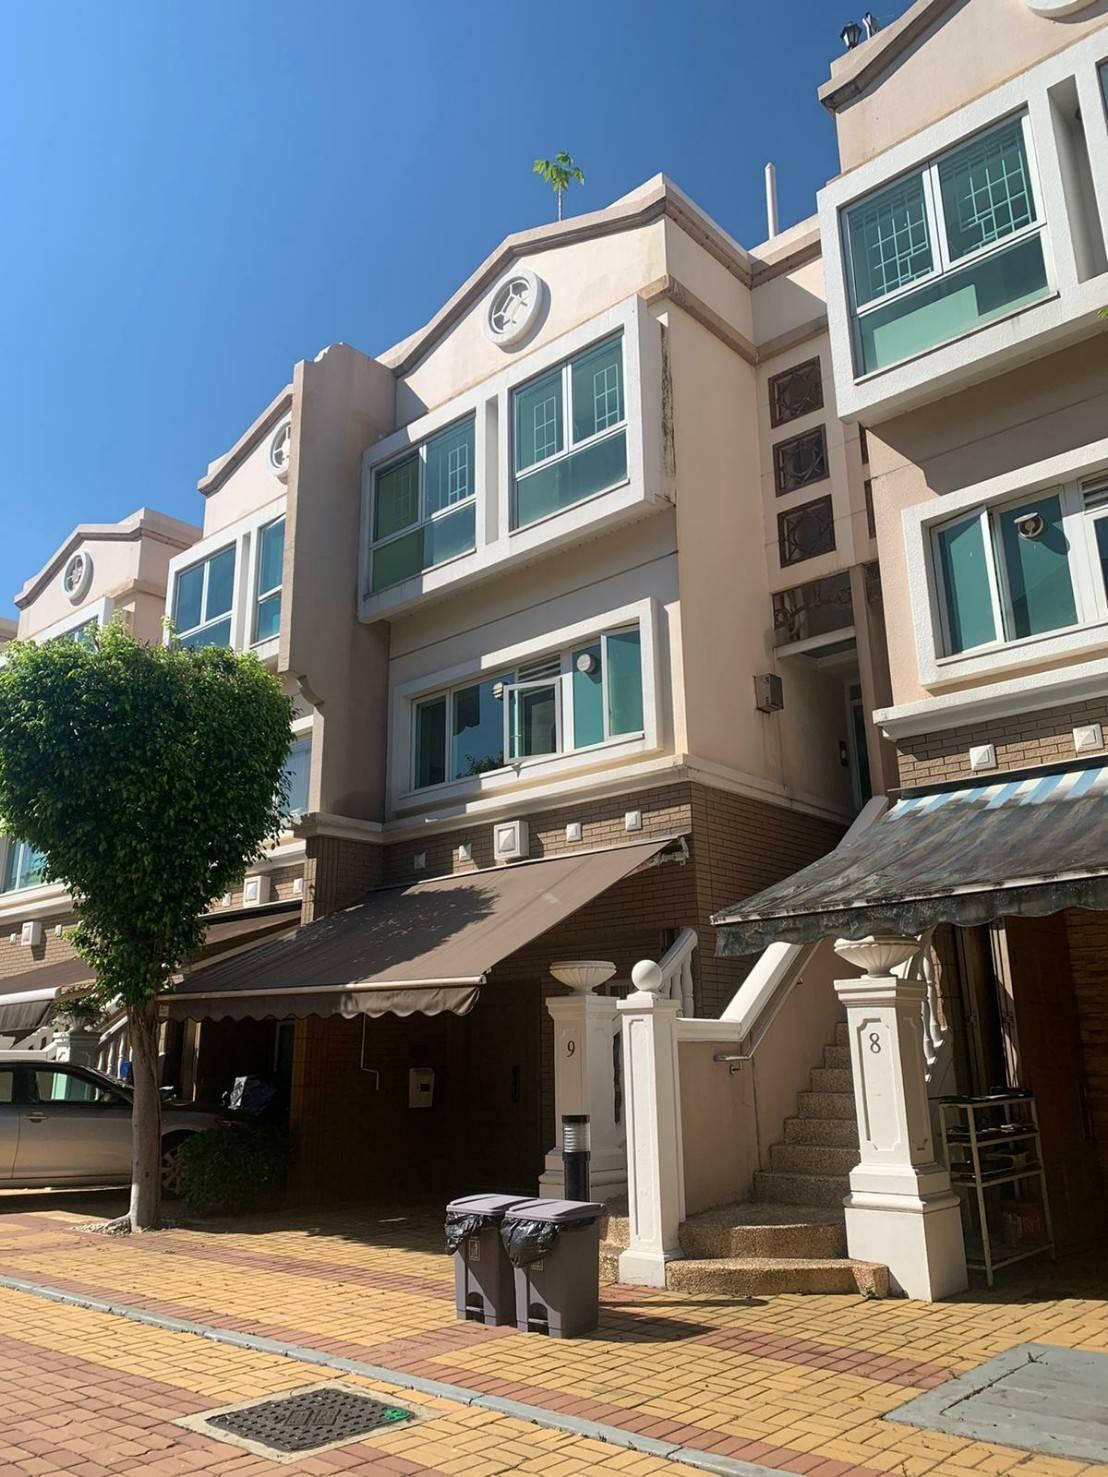 元朗傳統豪宅,三層花園連天台,室內可用空間1600呎,真盤實價,可以約睇